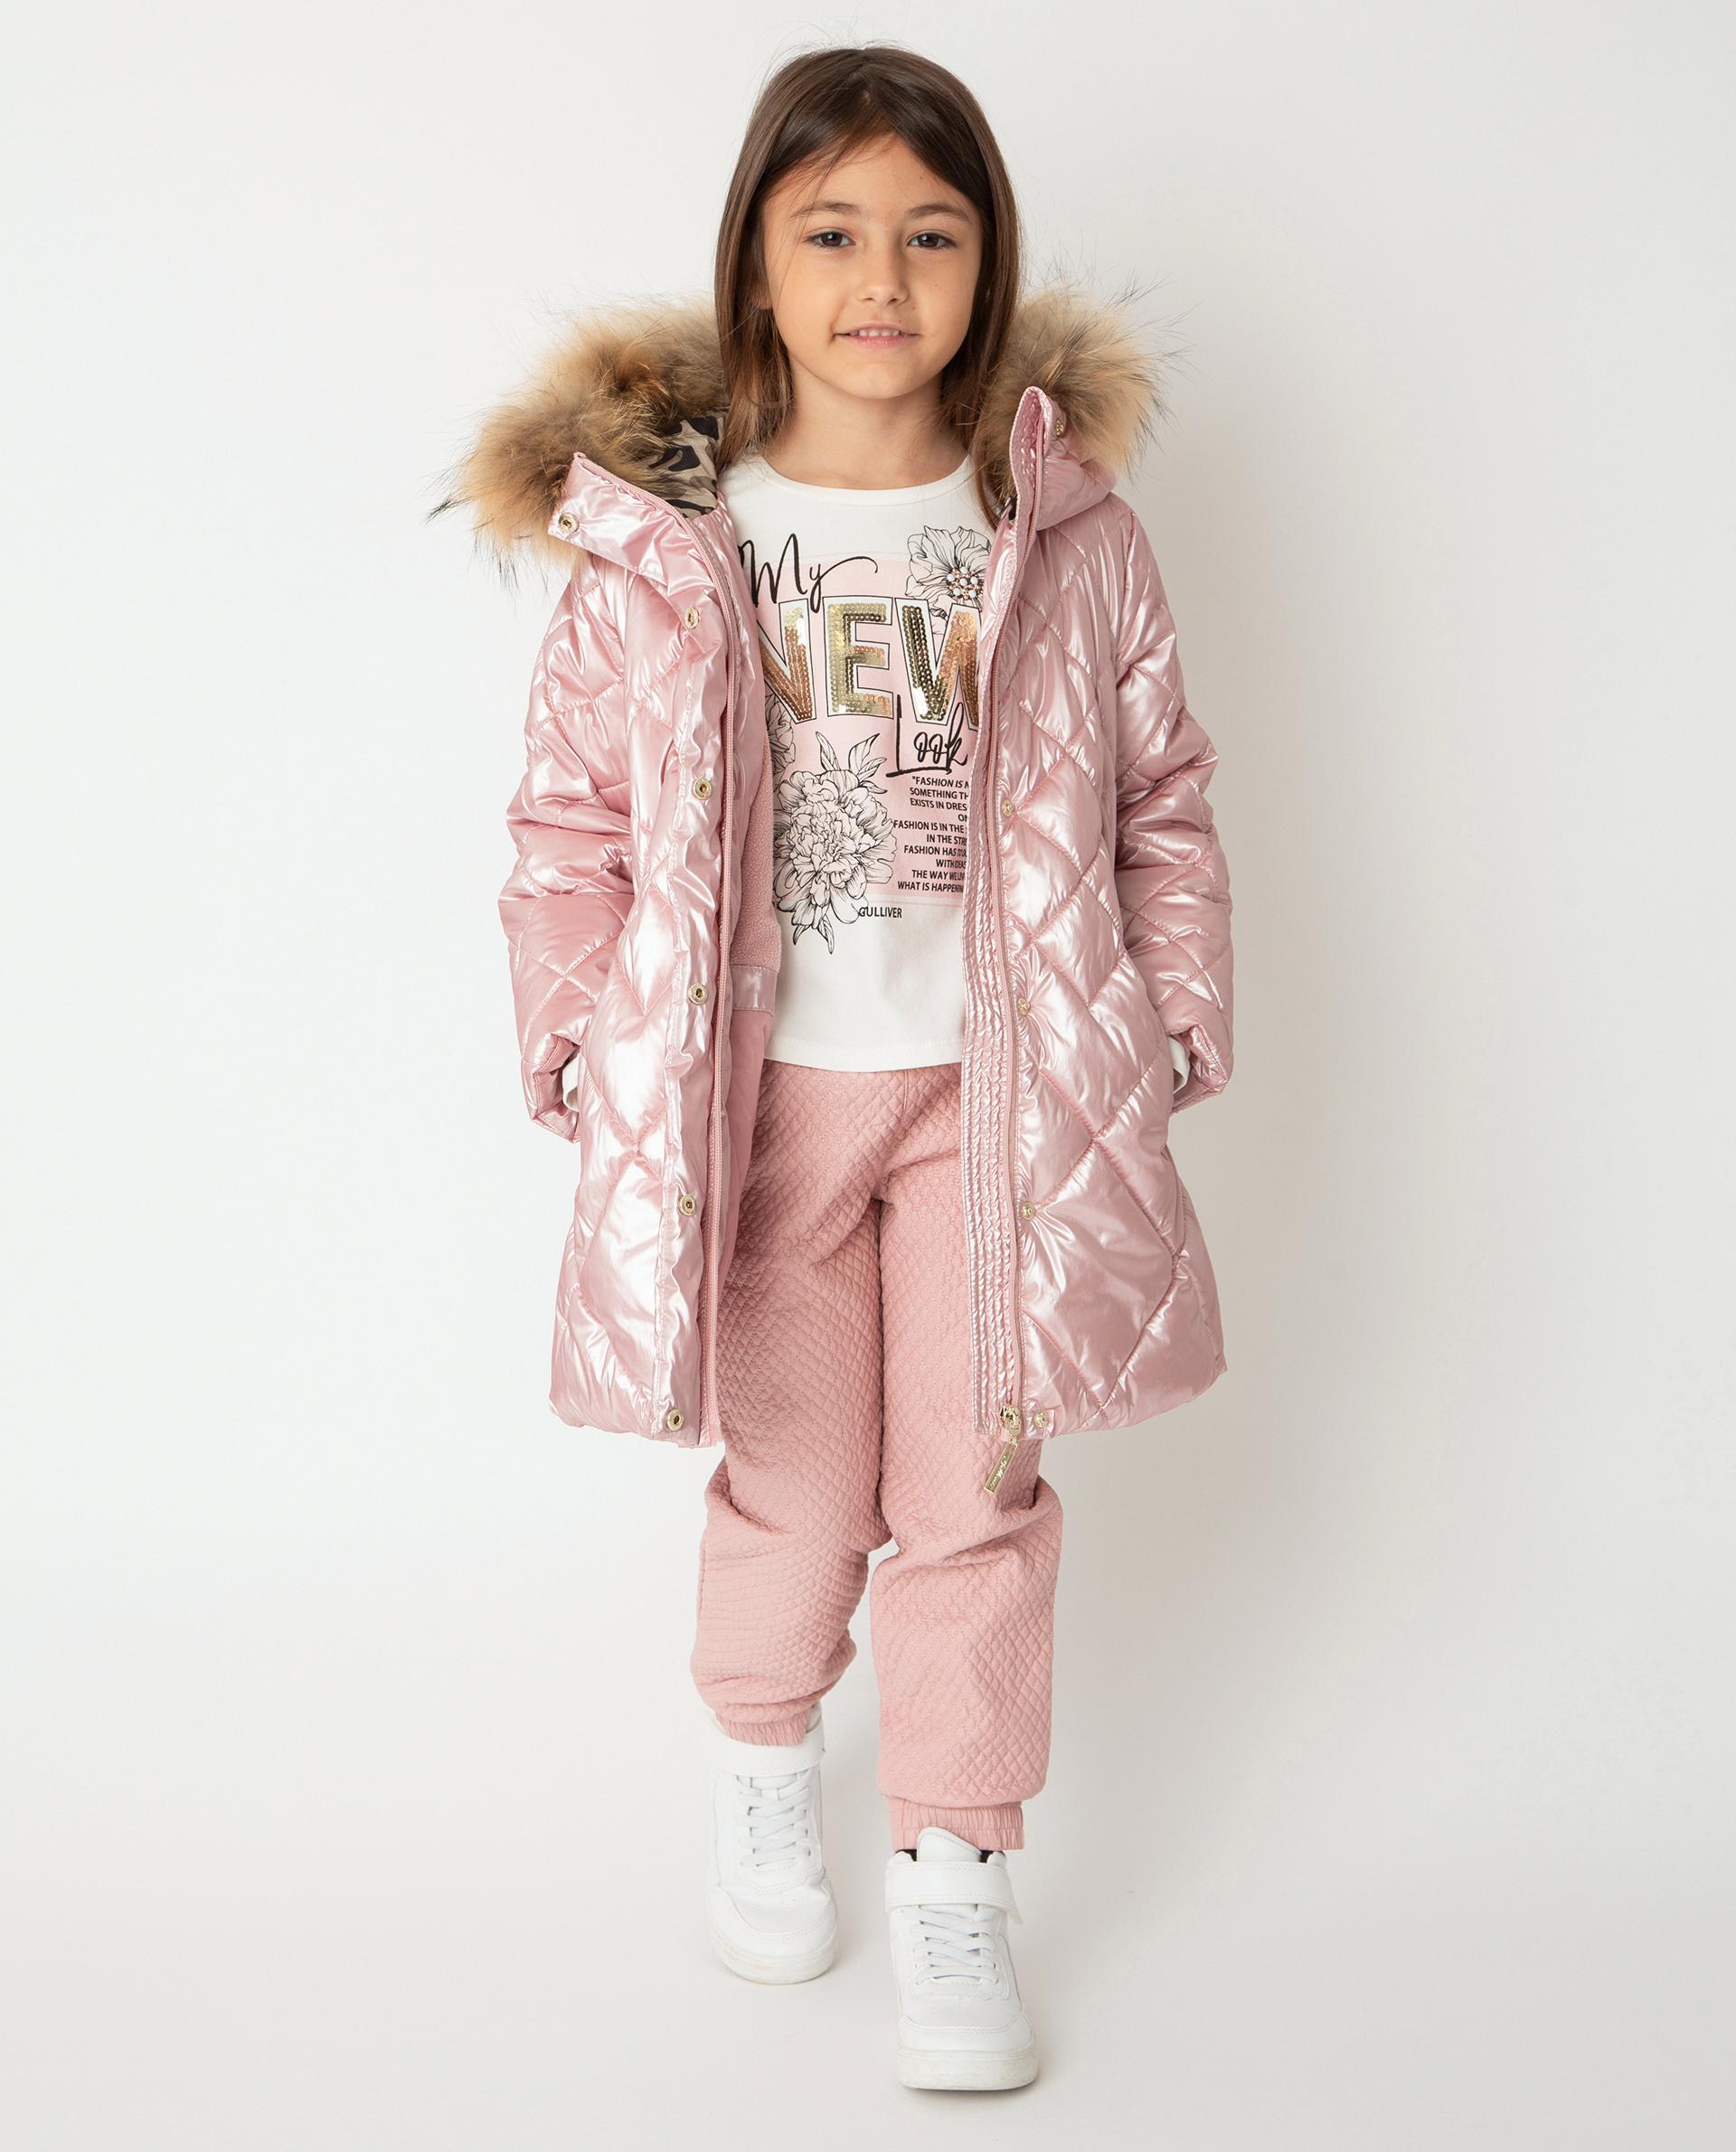 Купить 22001GMC4504, Розовое пальто зимнее Gulliver, розовый, 128, Полиамид, Женский, Зима, ОСЕНЬ/ЗИМА 2020-2021 (shop: GulliverMarket Gulliver Market)